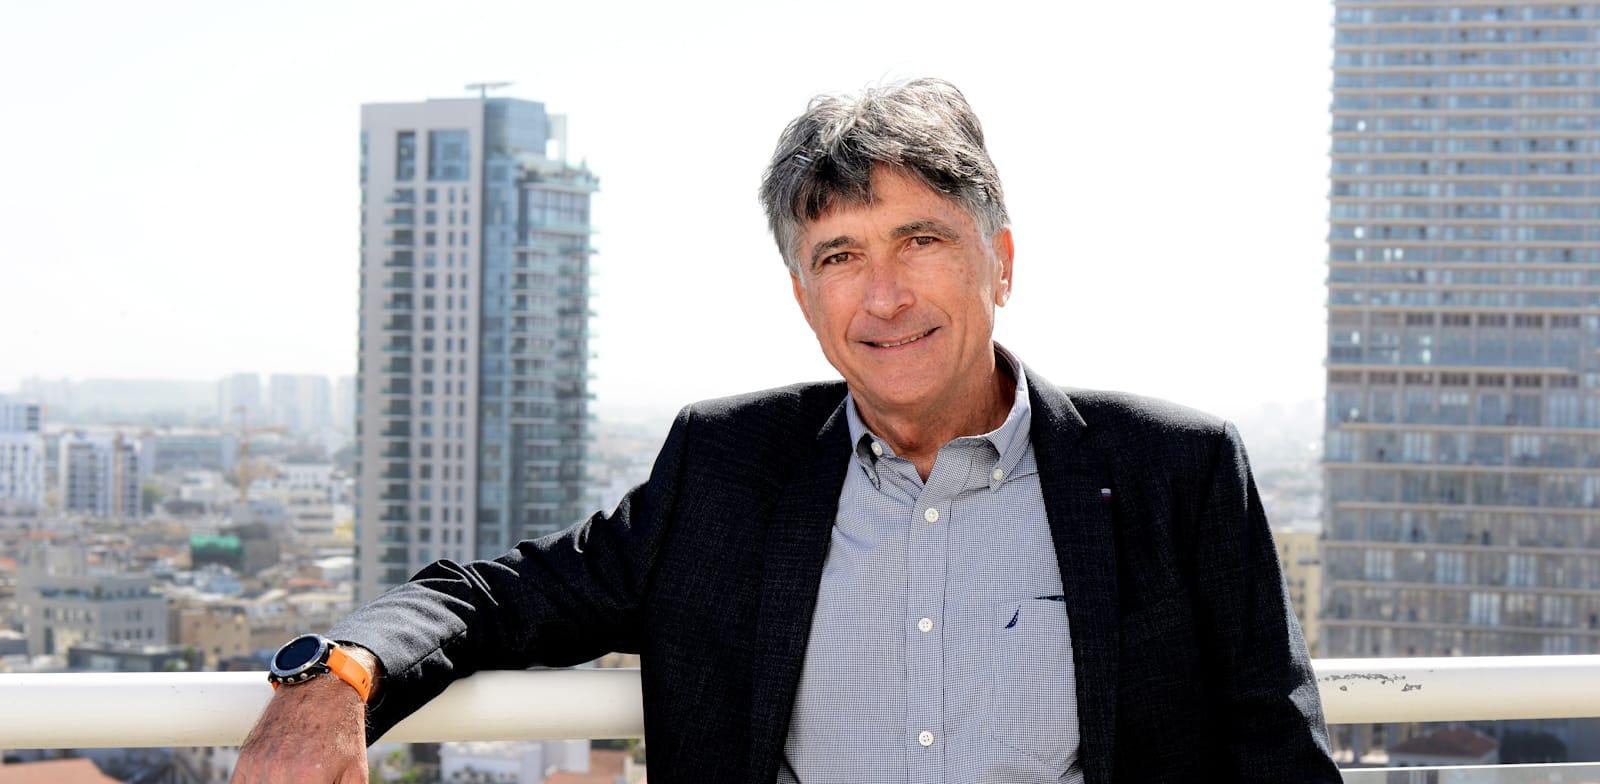 מריאן כהן, נשיא איגוד חברות ההייטק בהתאחדות התעשיינים / צילום: איל יצהר